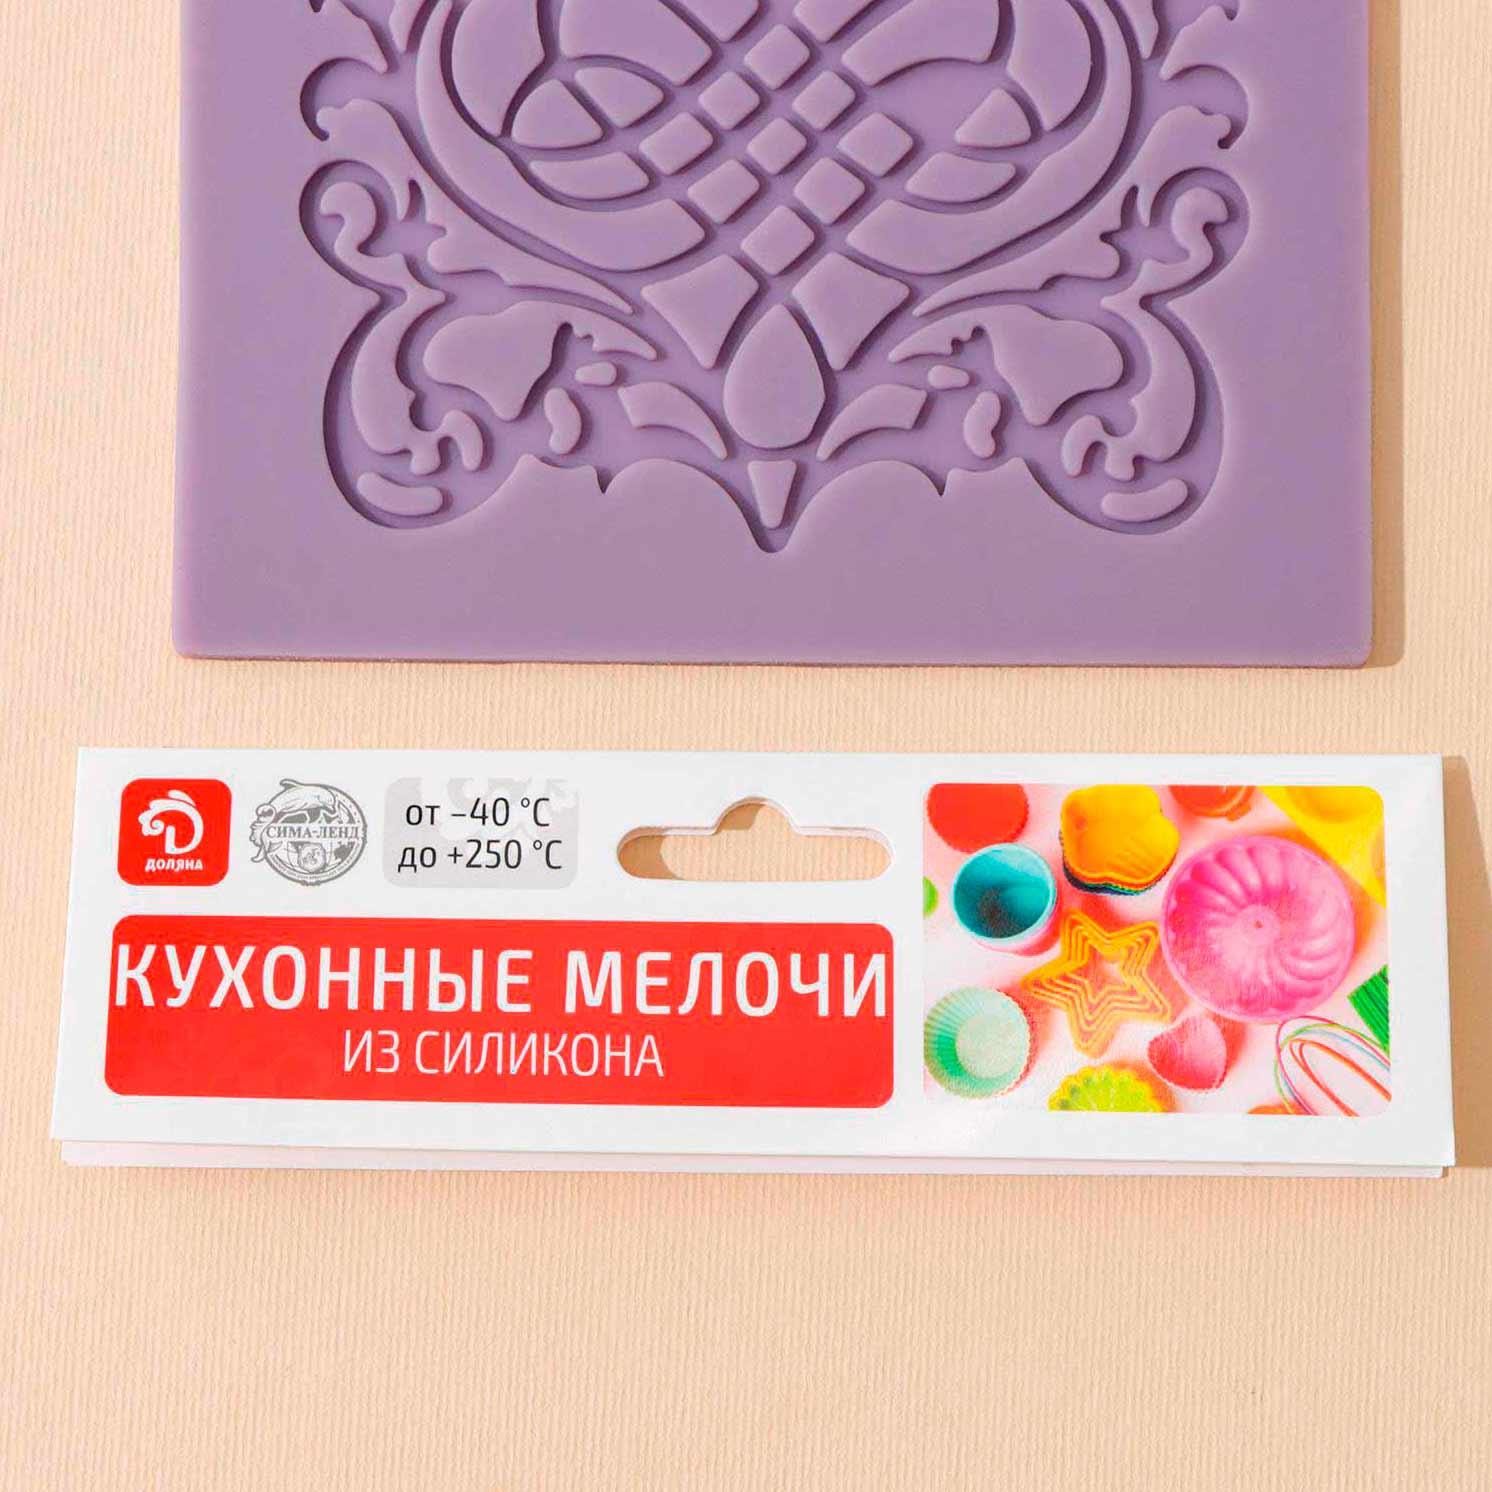 Коврик для айсинга «Готика», 46,5×11,5 см, цвет МИКС